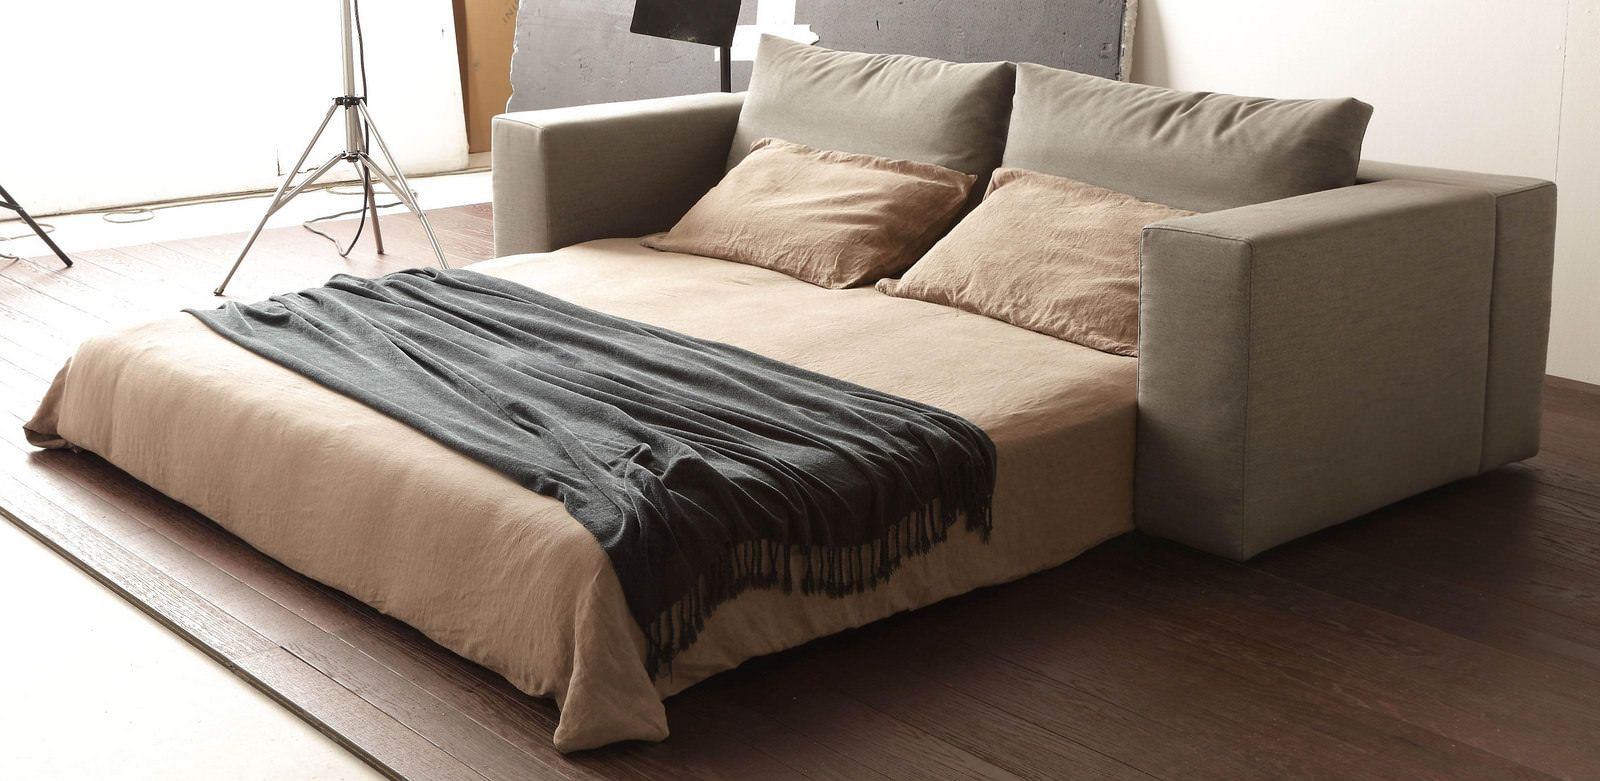 Habitacion con sofa cama beautiful habitacin de invitados for Dormitorio invitados